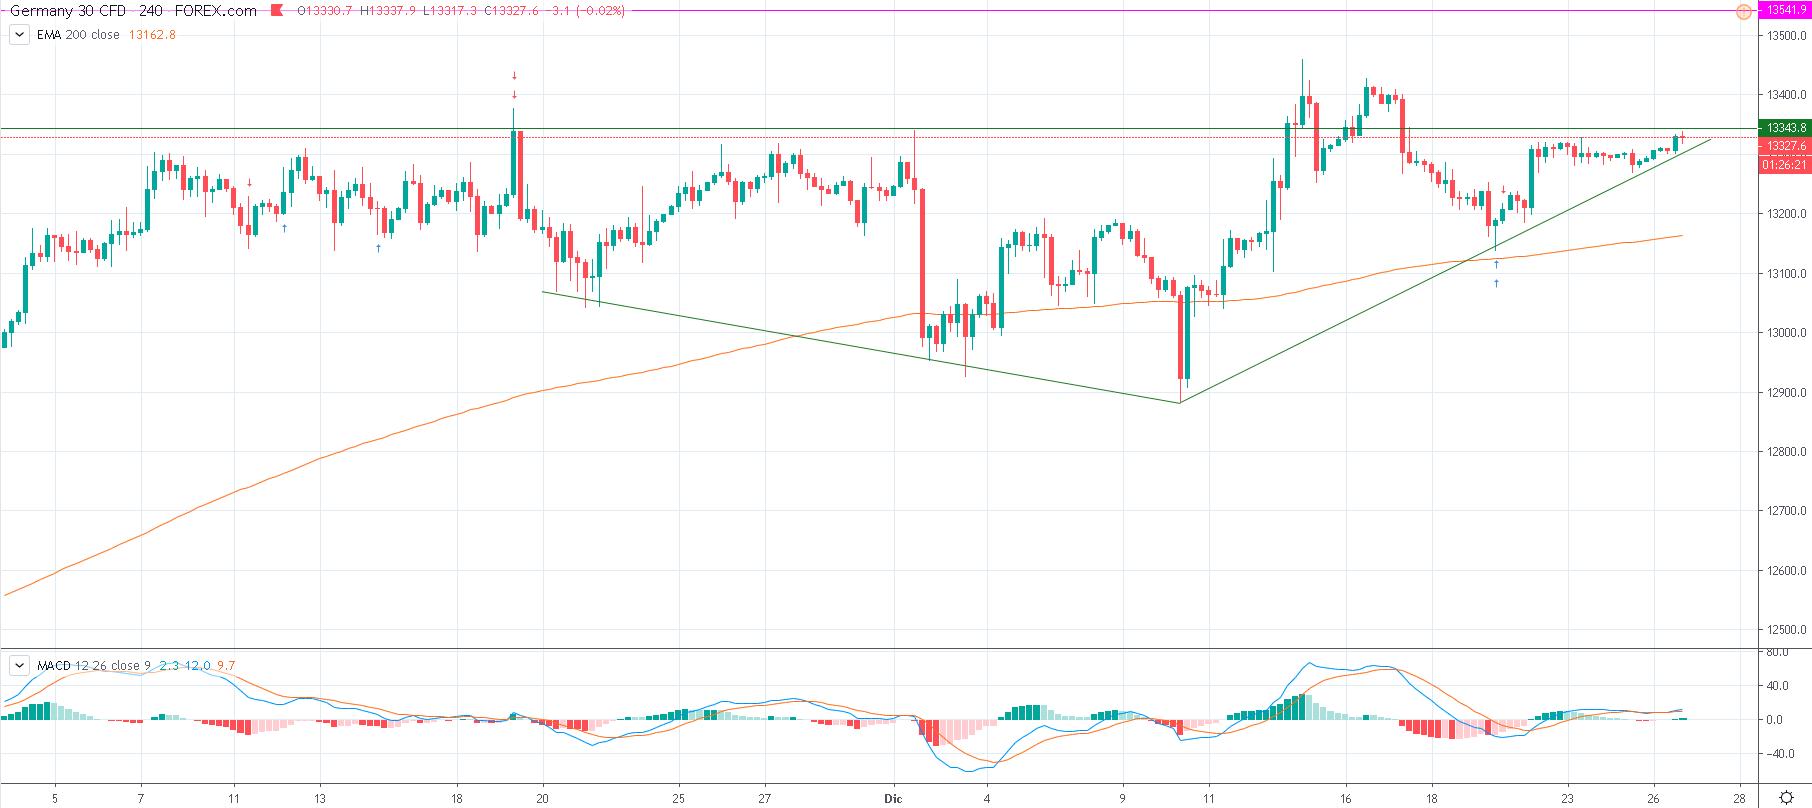 Representa el indice dax30